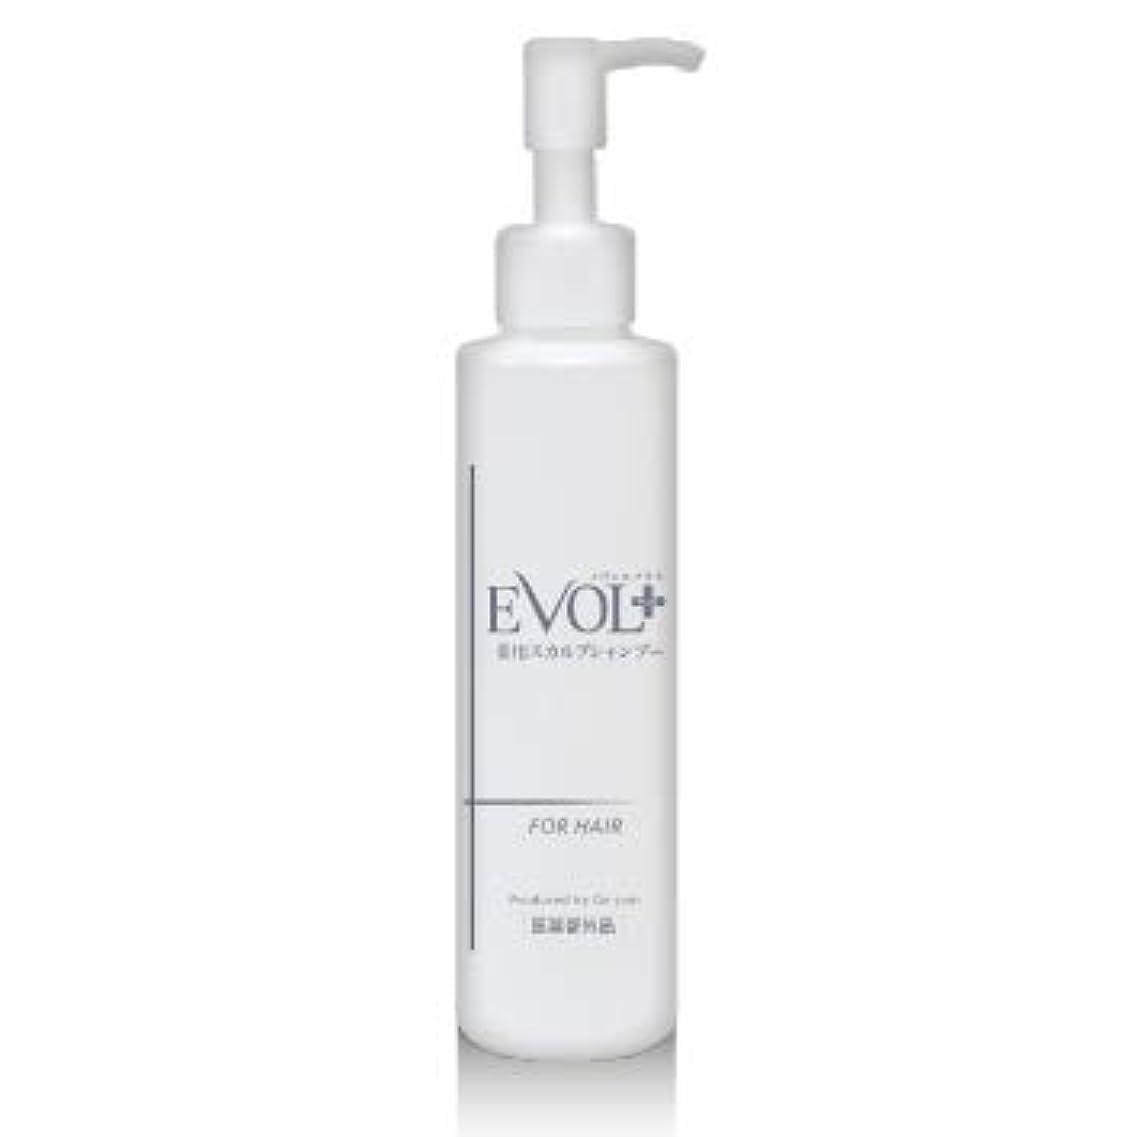 避難運命証言するEVOL+(エヴォルプラス)薬用育毛シャンプー お得なコース